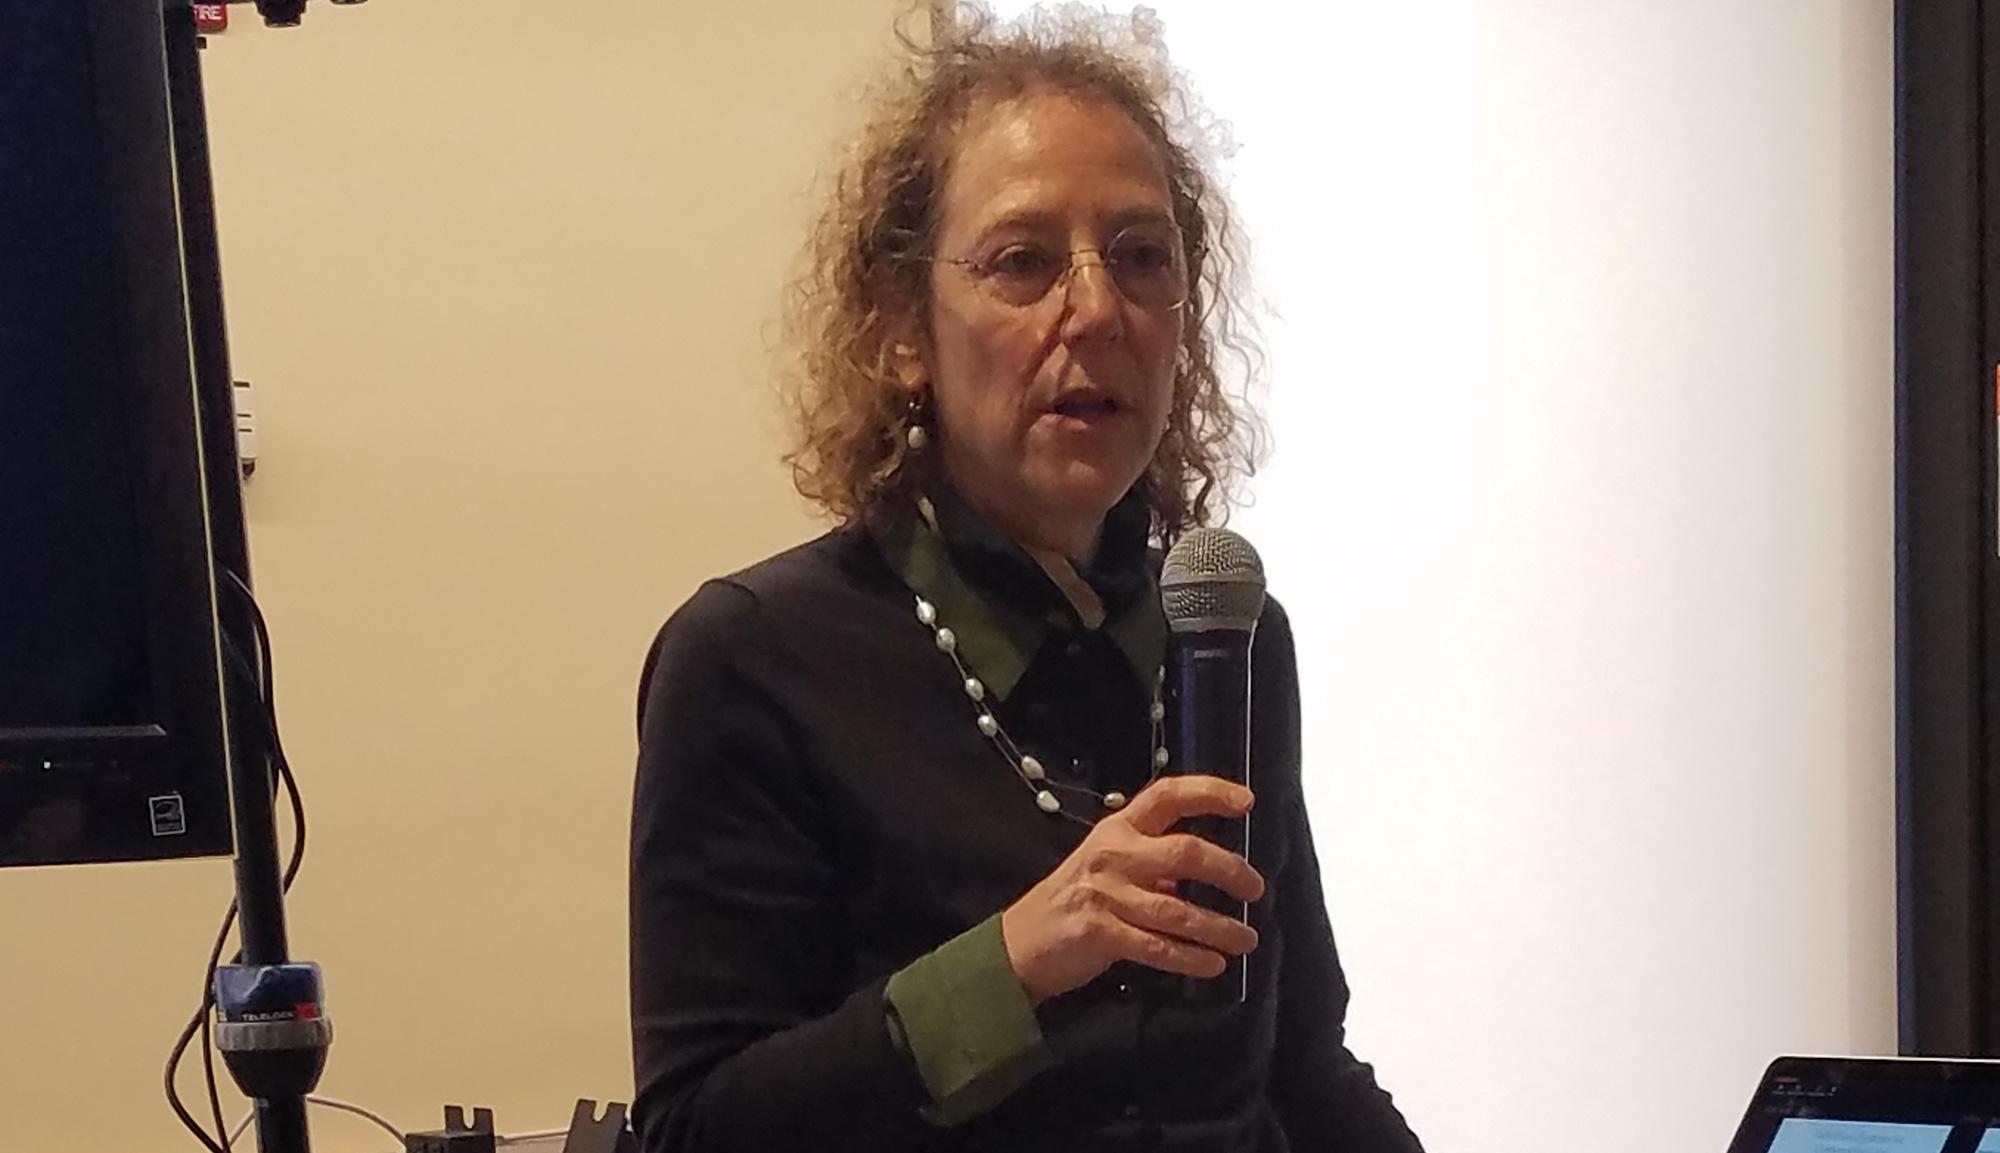 Deena Engel